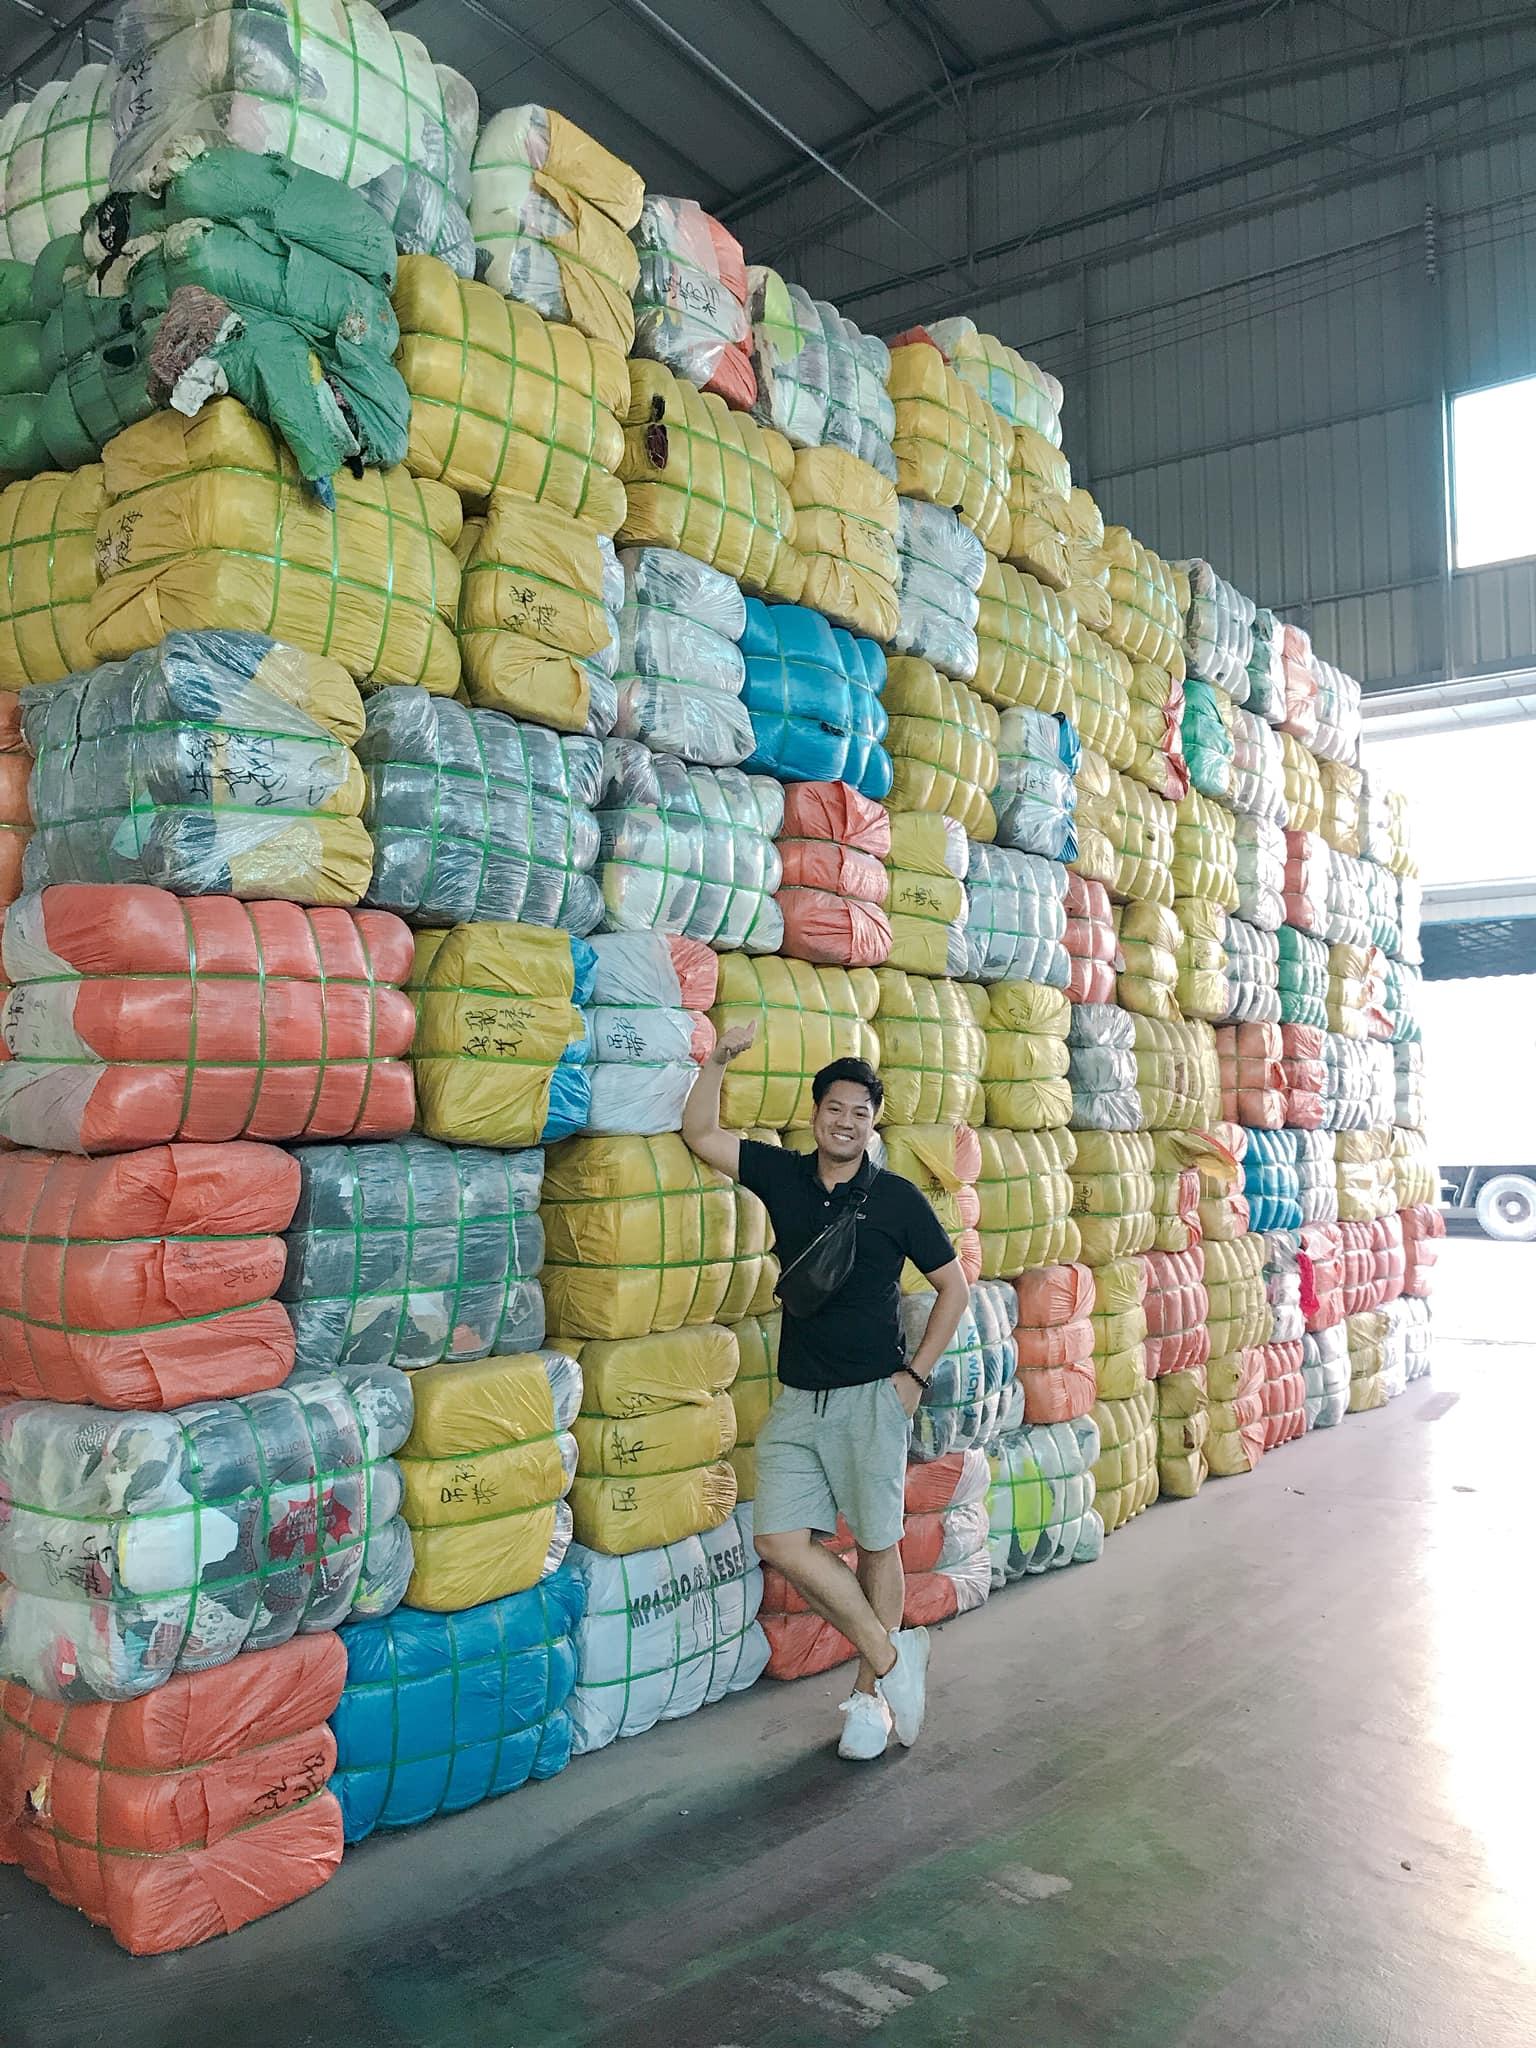 Bán buôn quần áo trẻ em hàng thùng giá rẻ tại Hà Nội uy tín